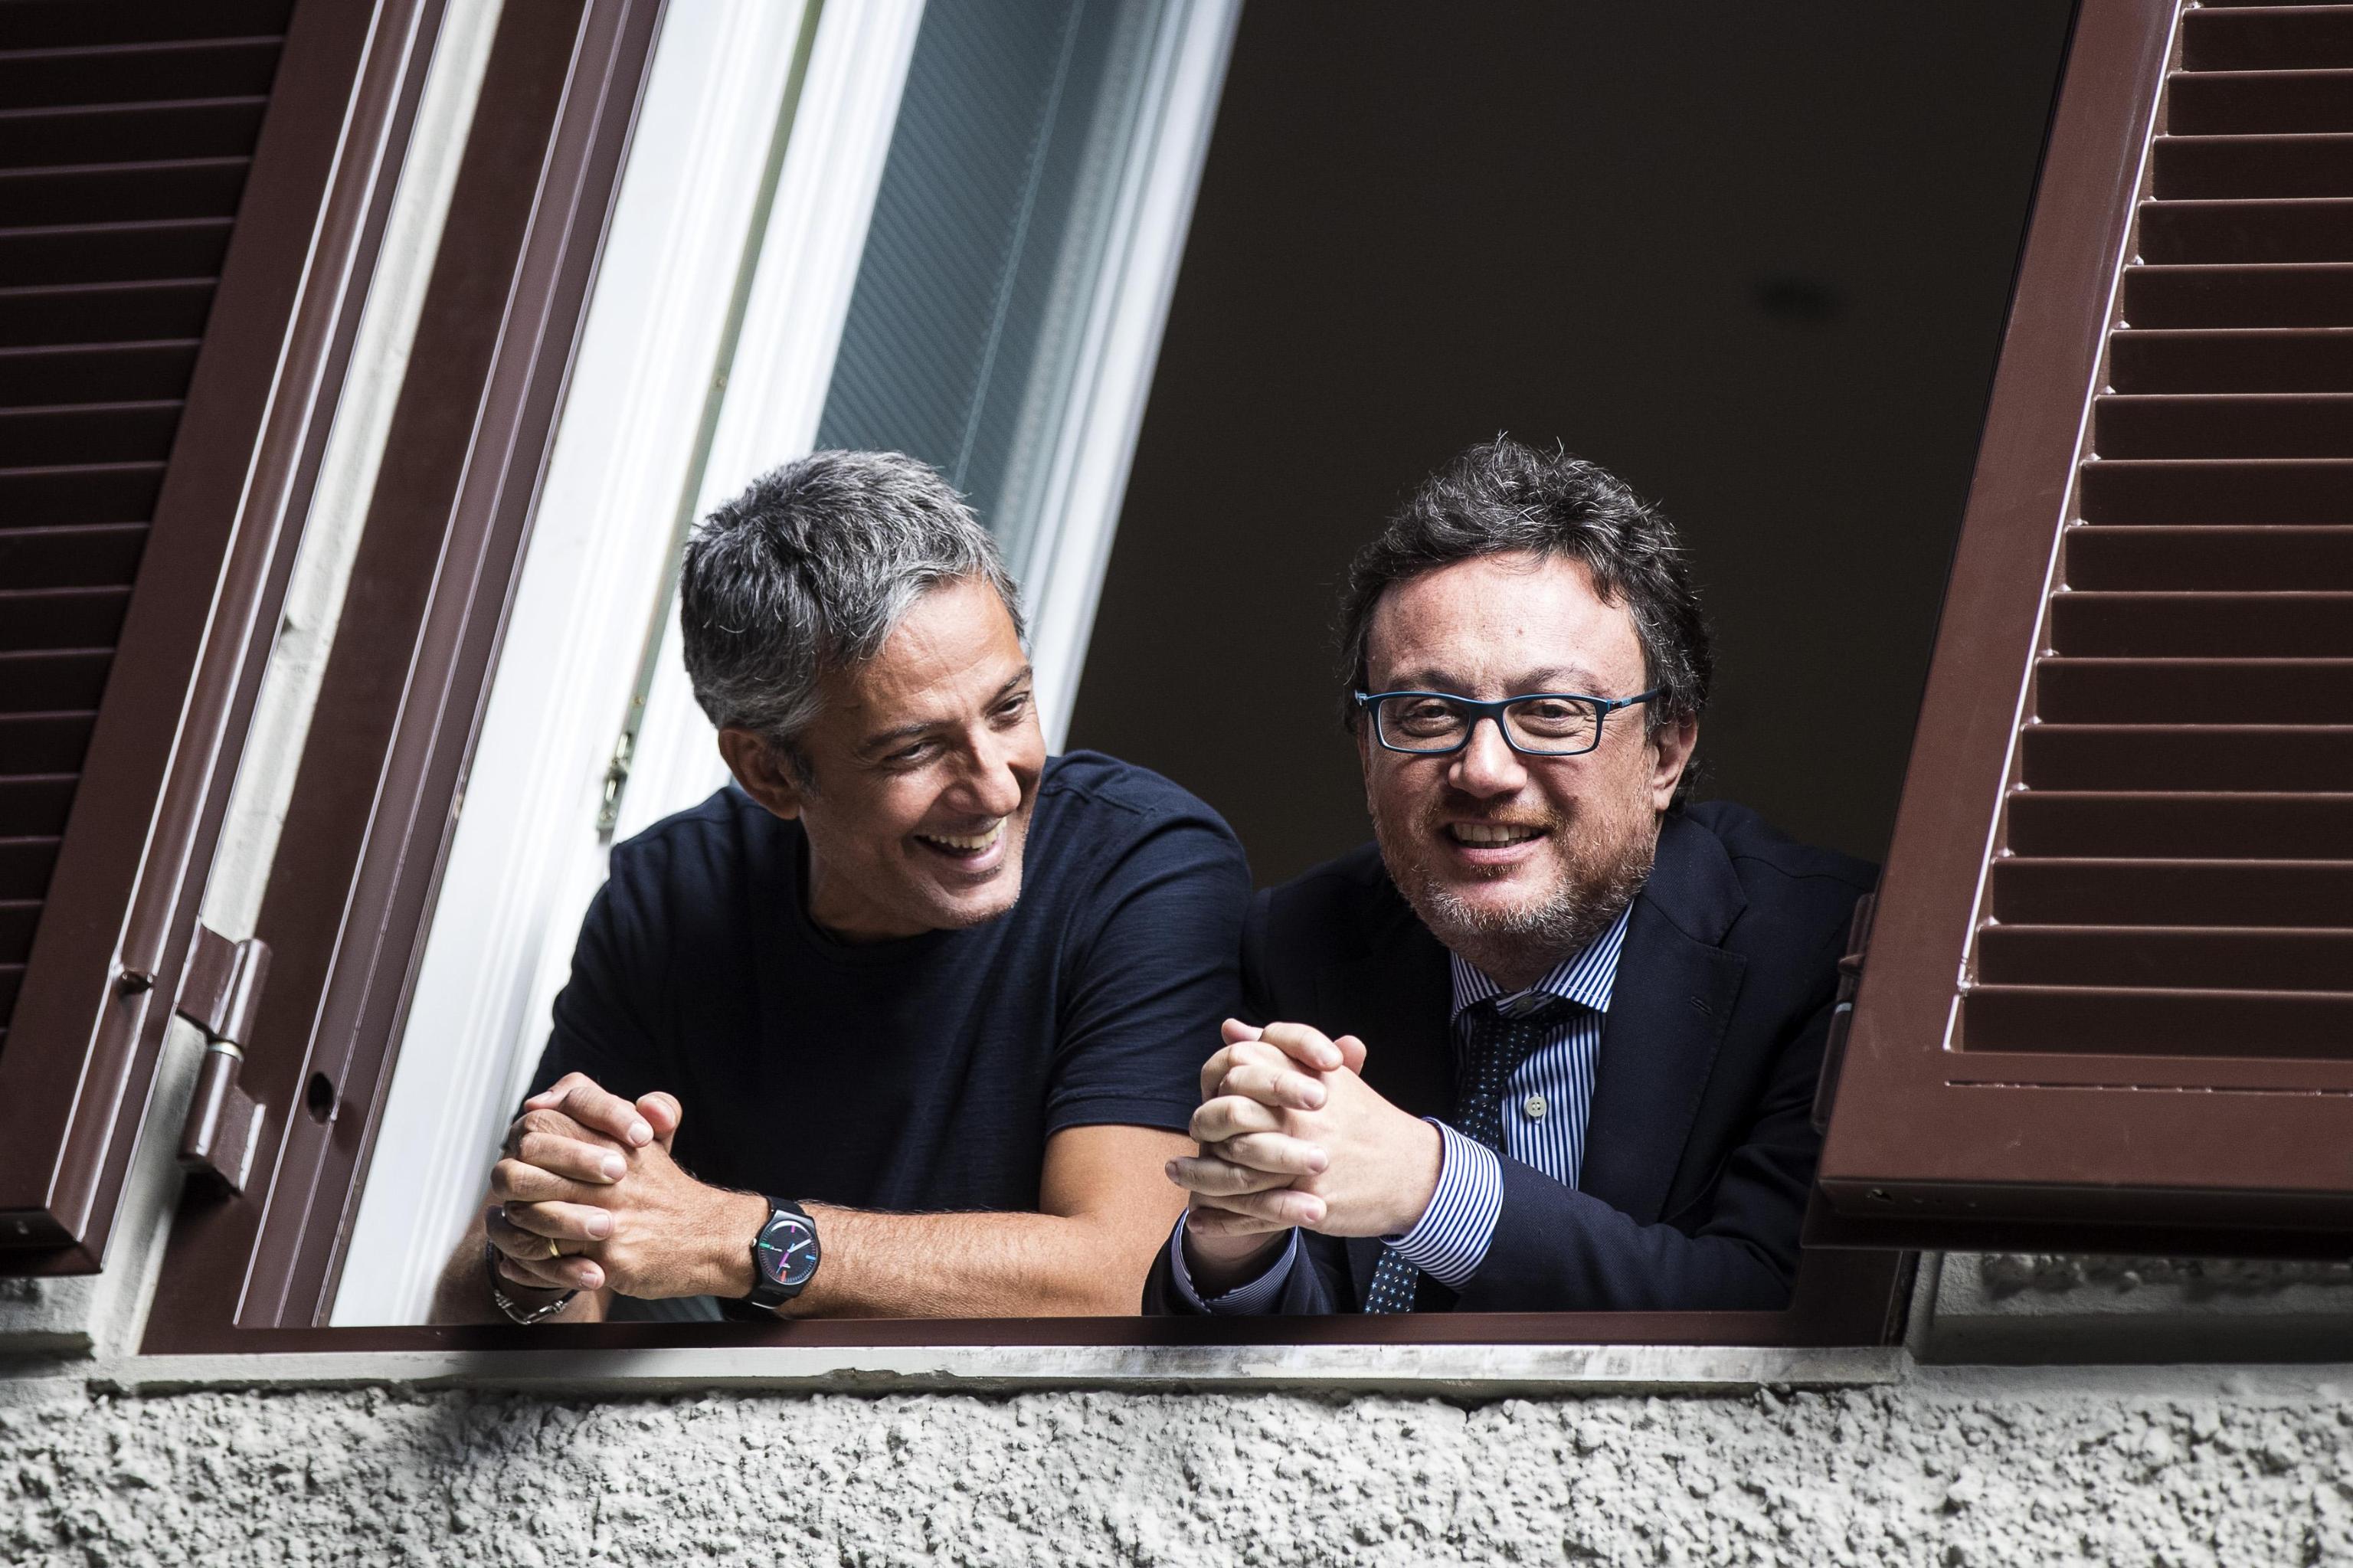 Fiorello incontra Mario Orfeo per un progetto Rai? 'Credo voglia passare a Sky'